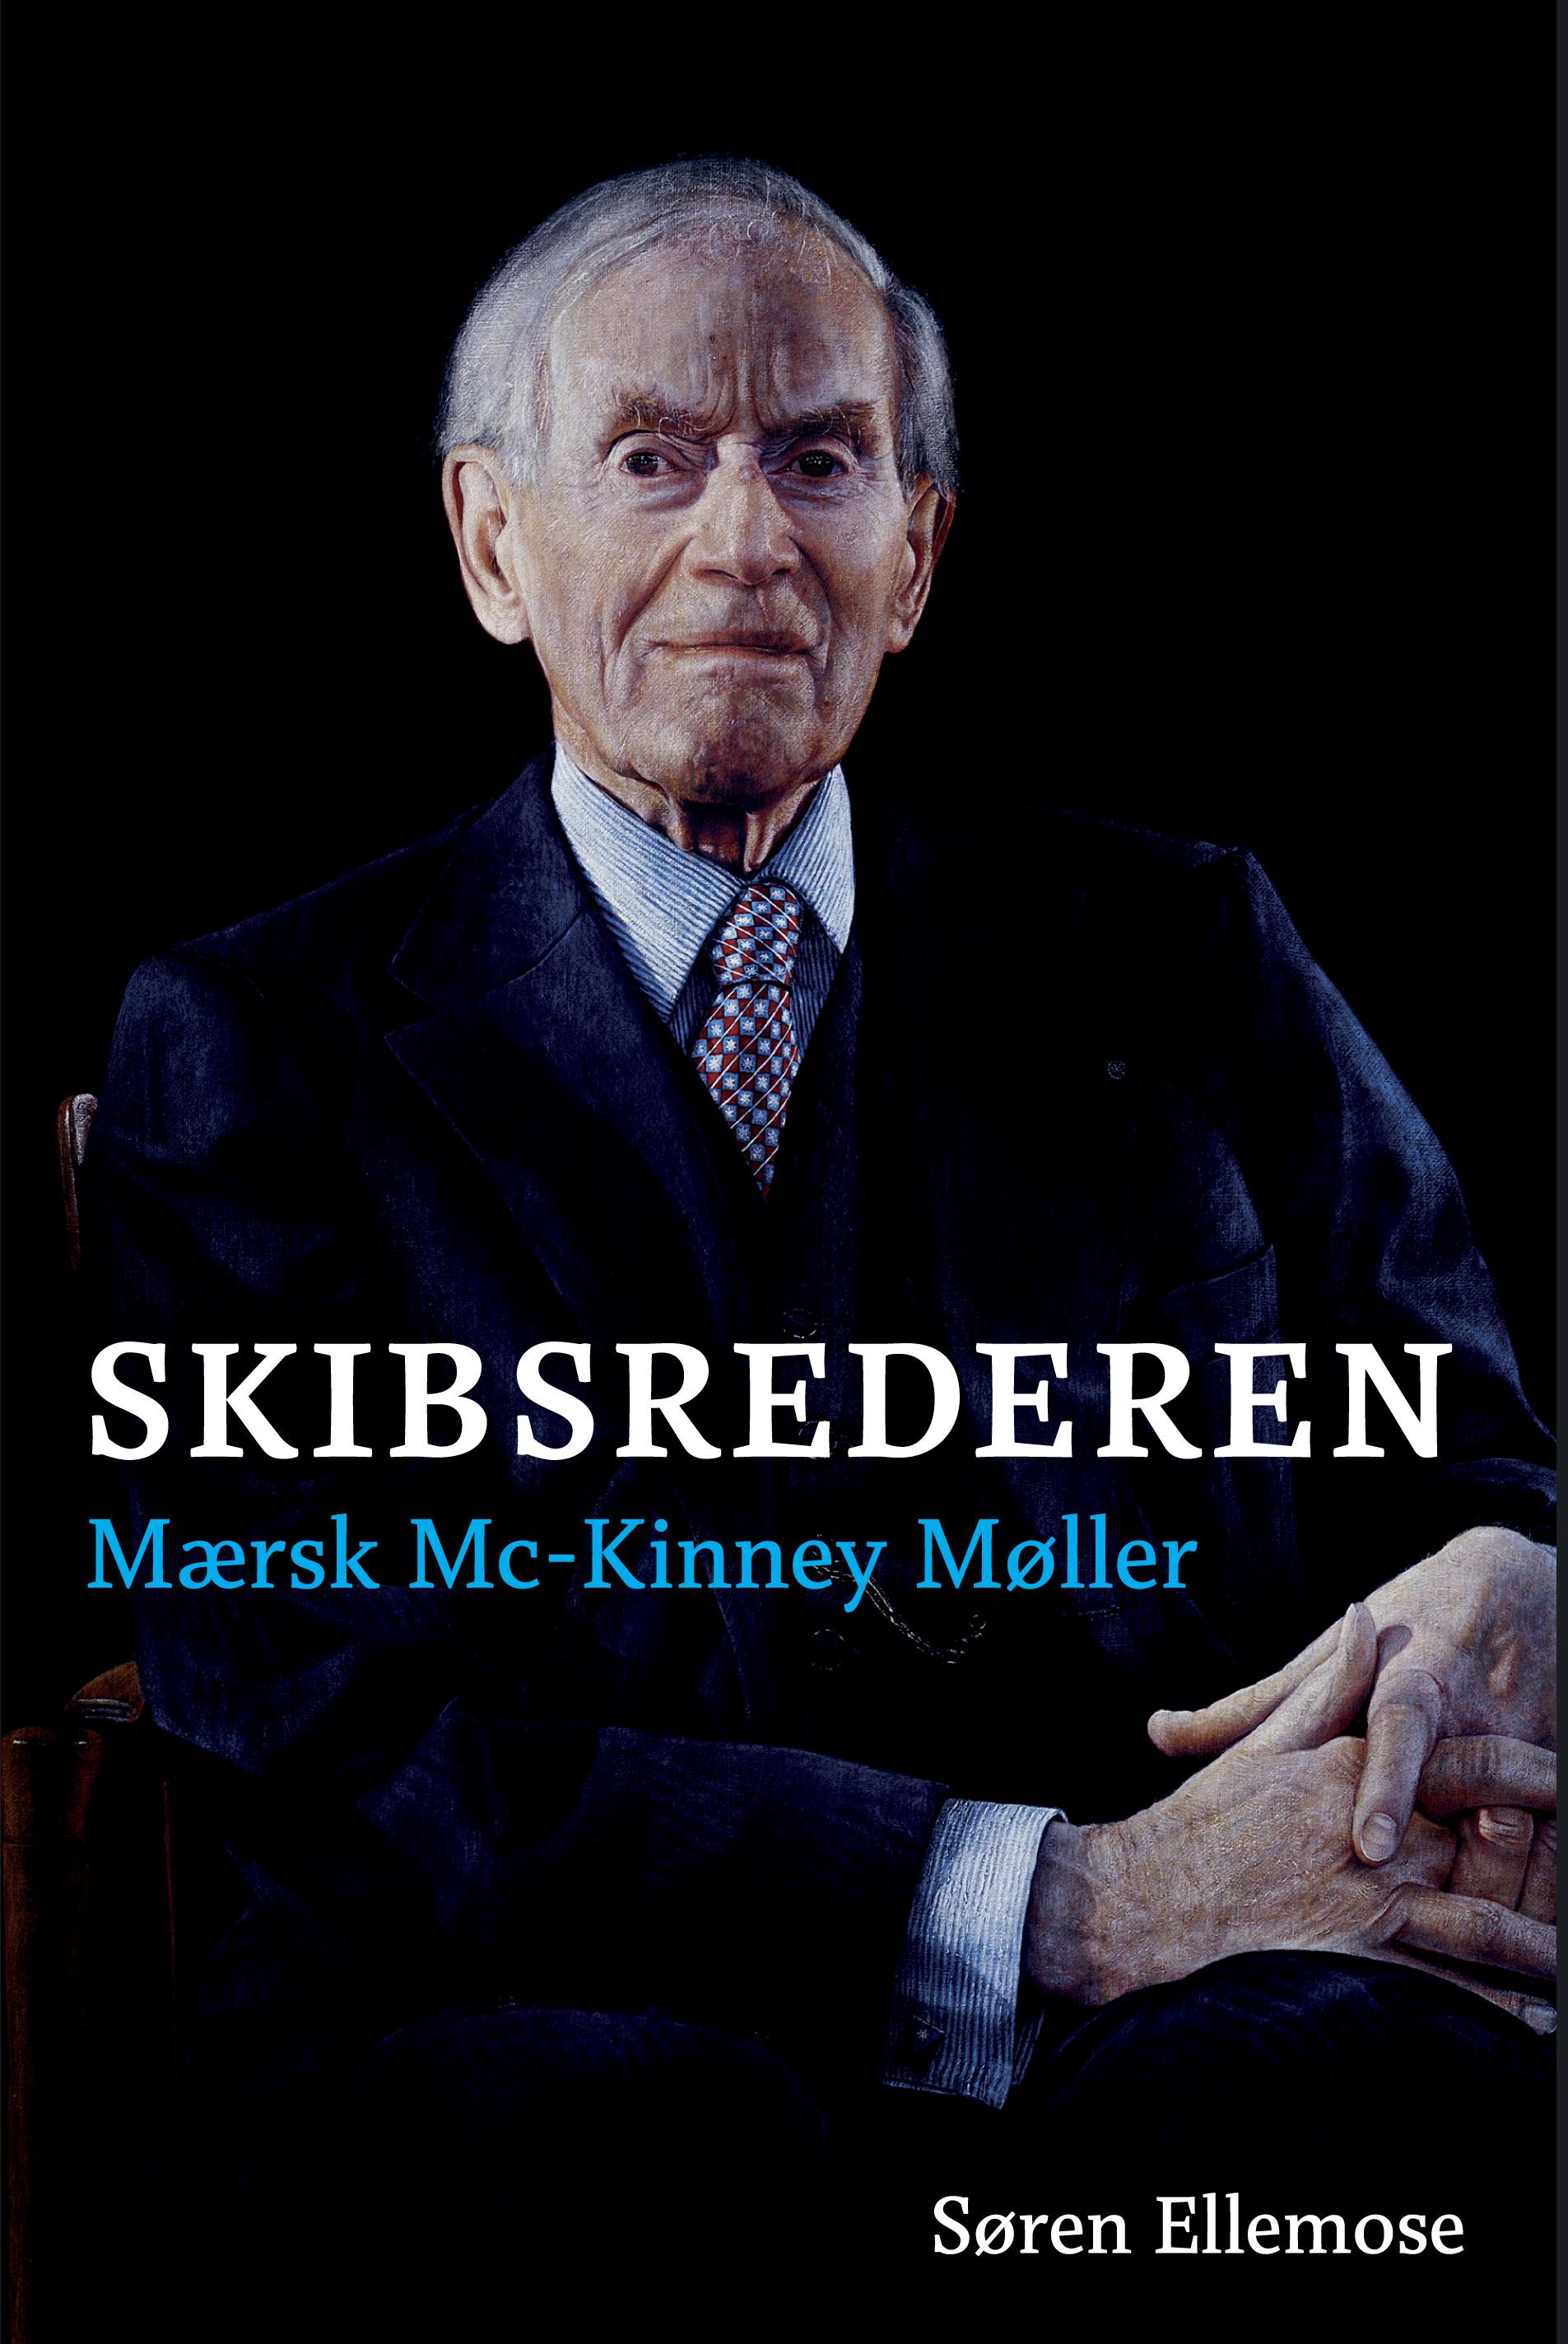 Skibsrederen – årets bog om Mærsk